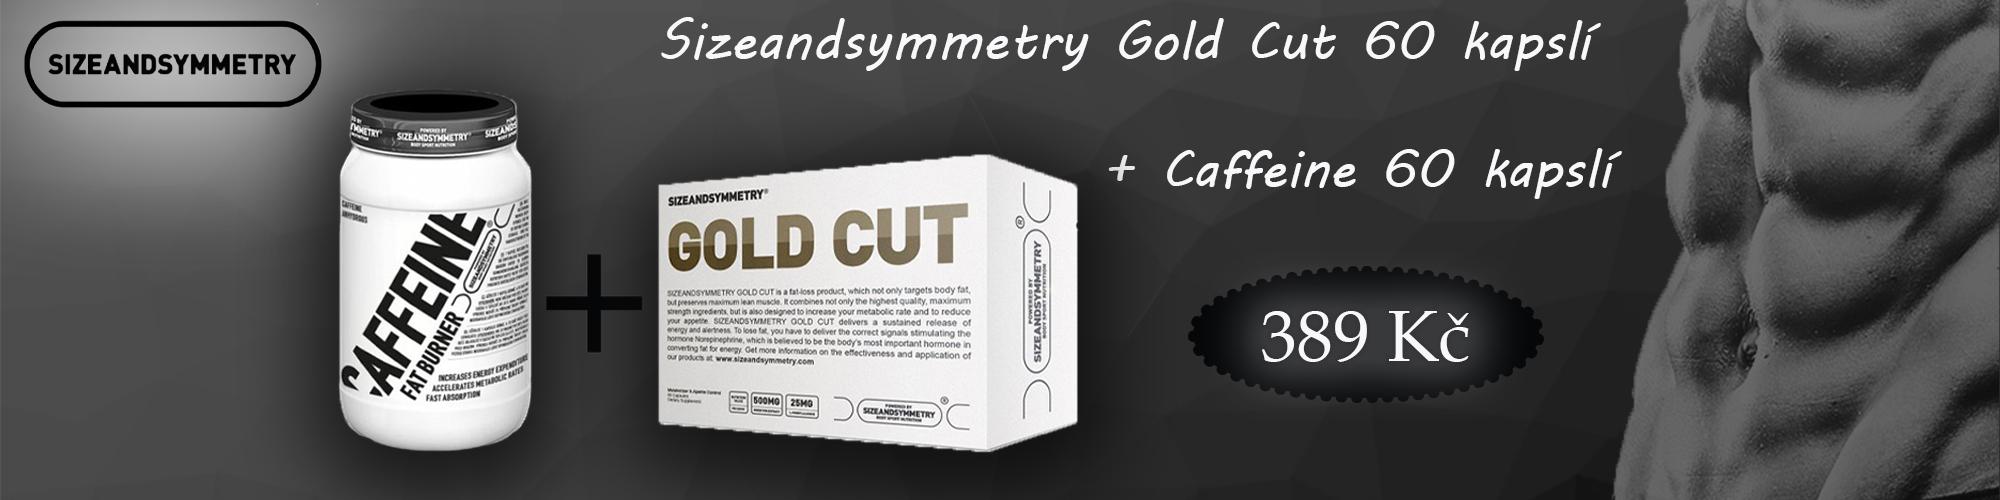 Sizeandsymmetry Gold Cut + Caffeine